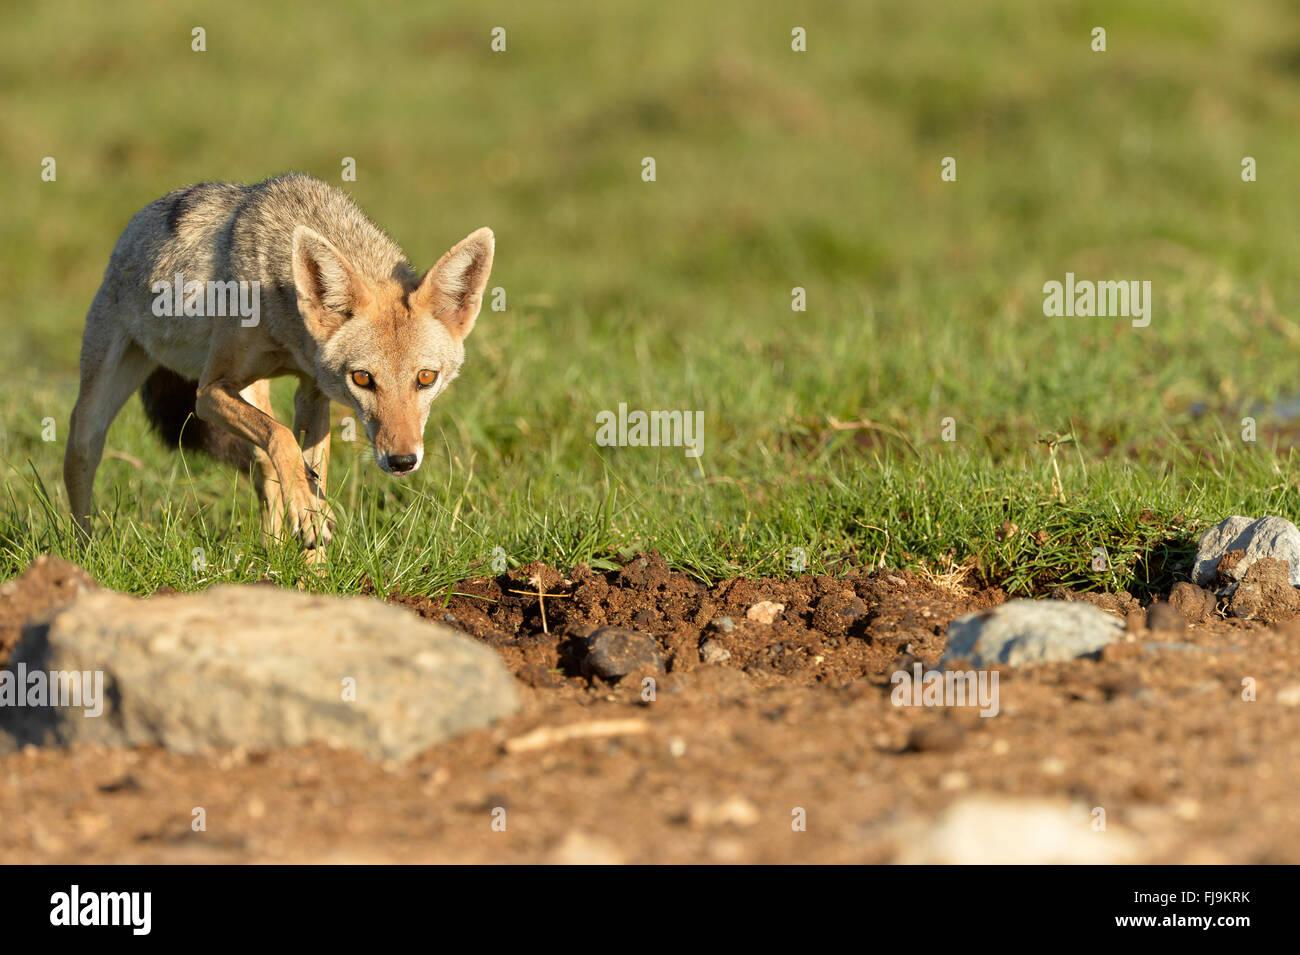 Golden Jackal (Canis aureus) adult crouched in short grass, Shaba National Reserve, Kenya, October - Stock Image